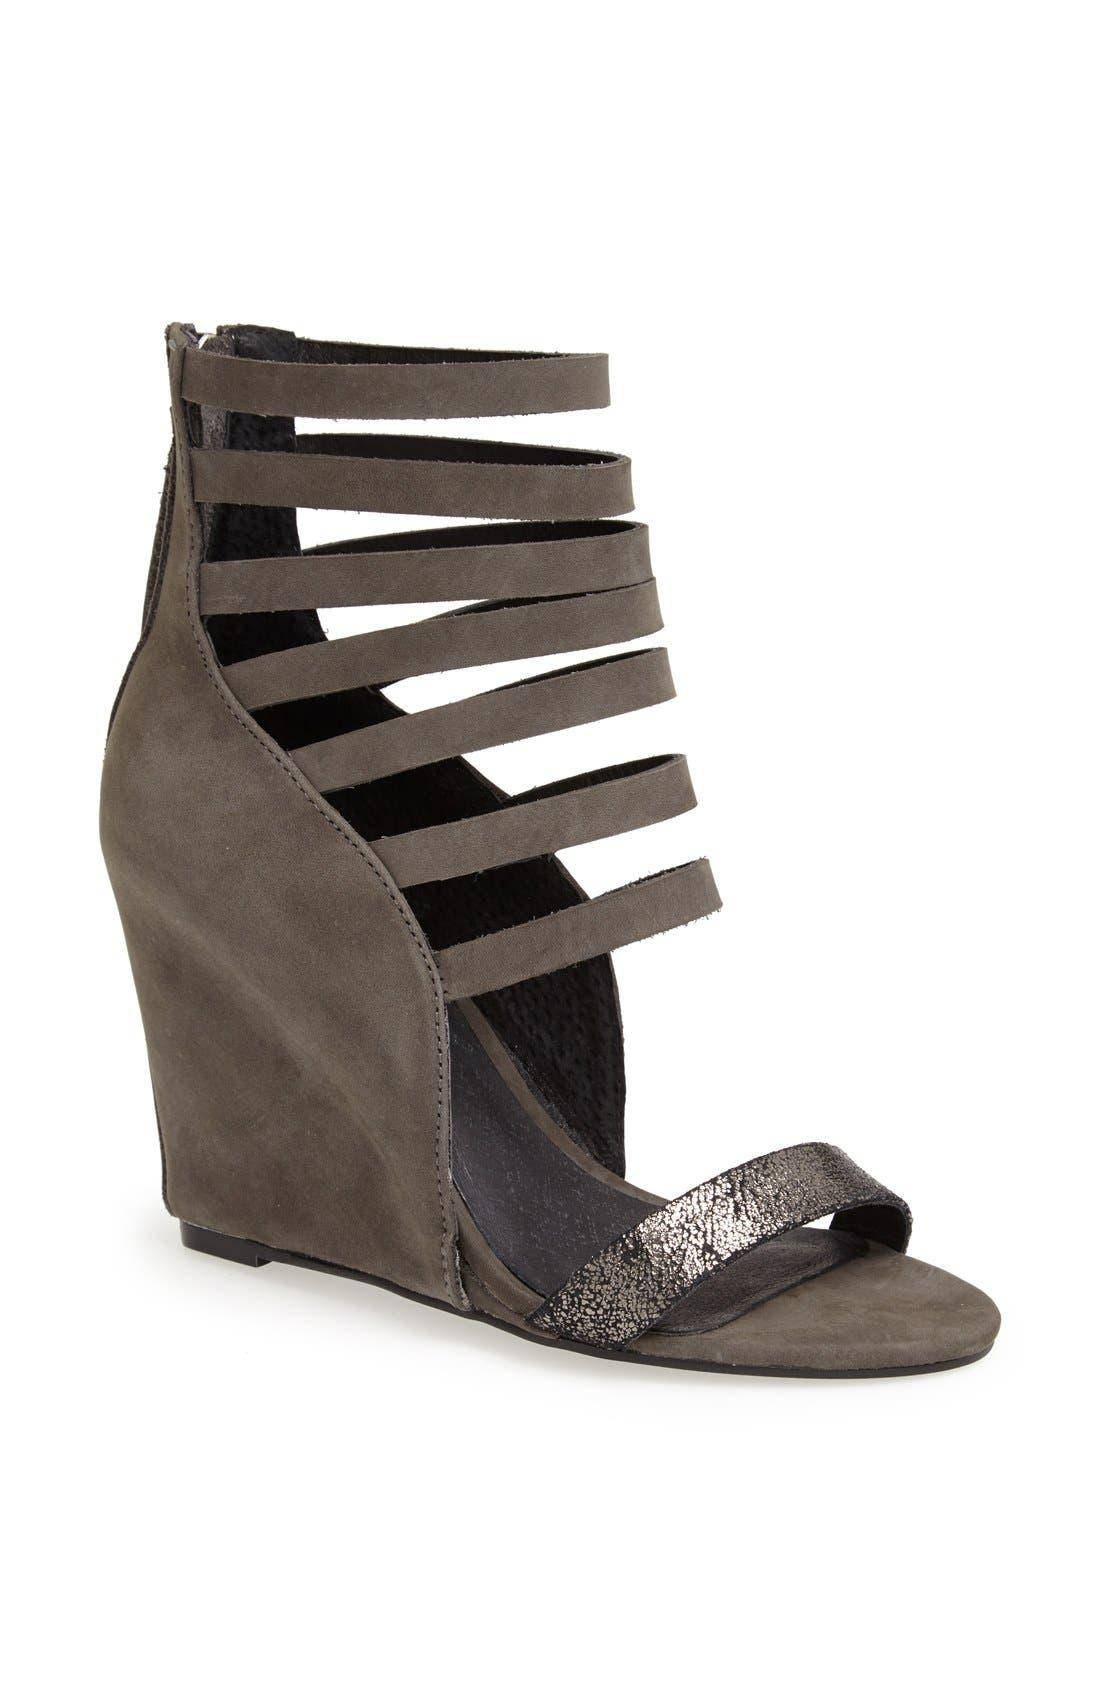 Alternate Image 1 Selected - Matisse 'Kindred' Suede Sandal